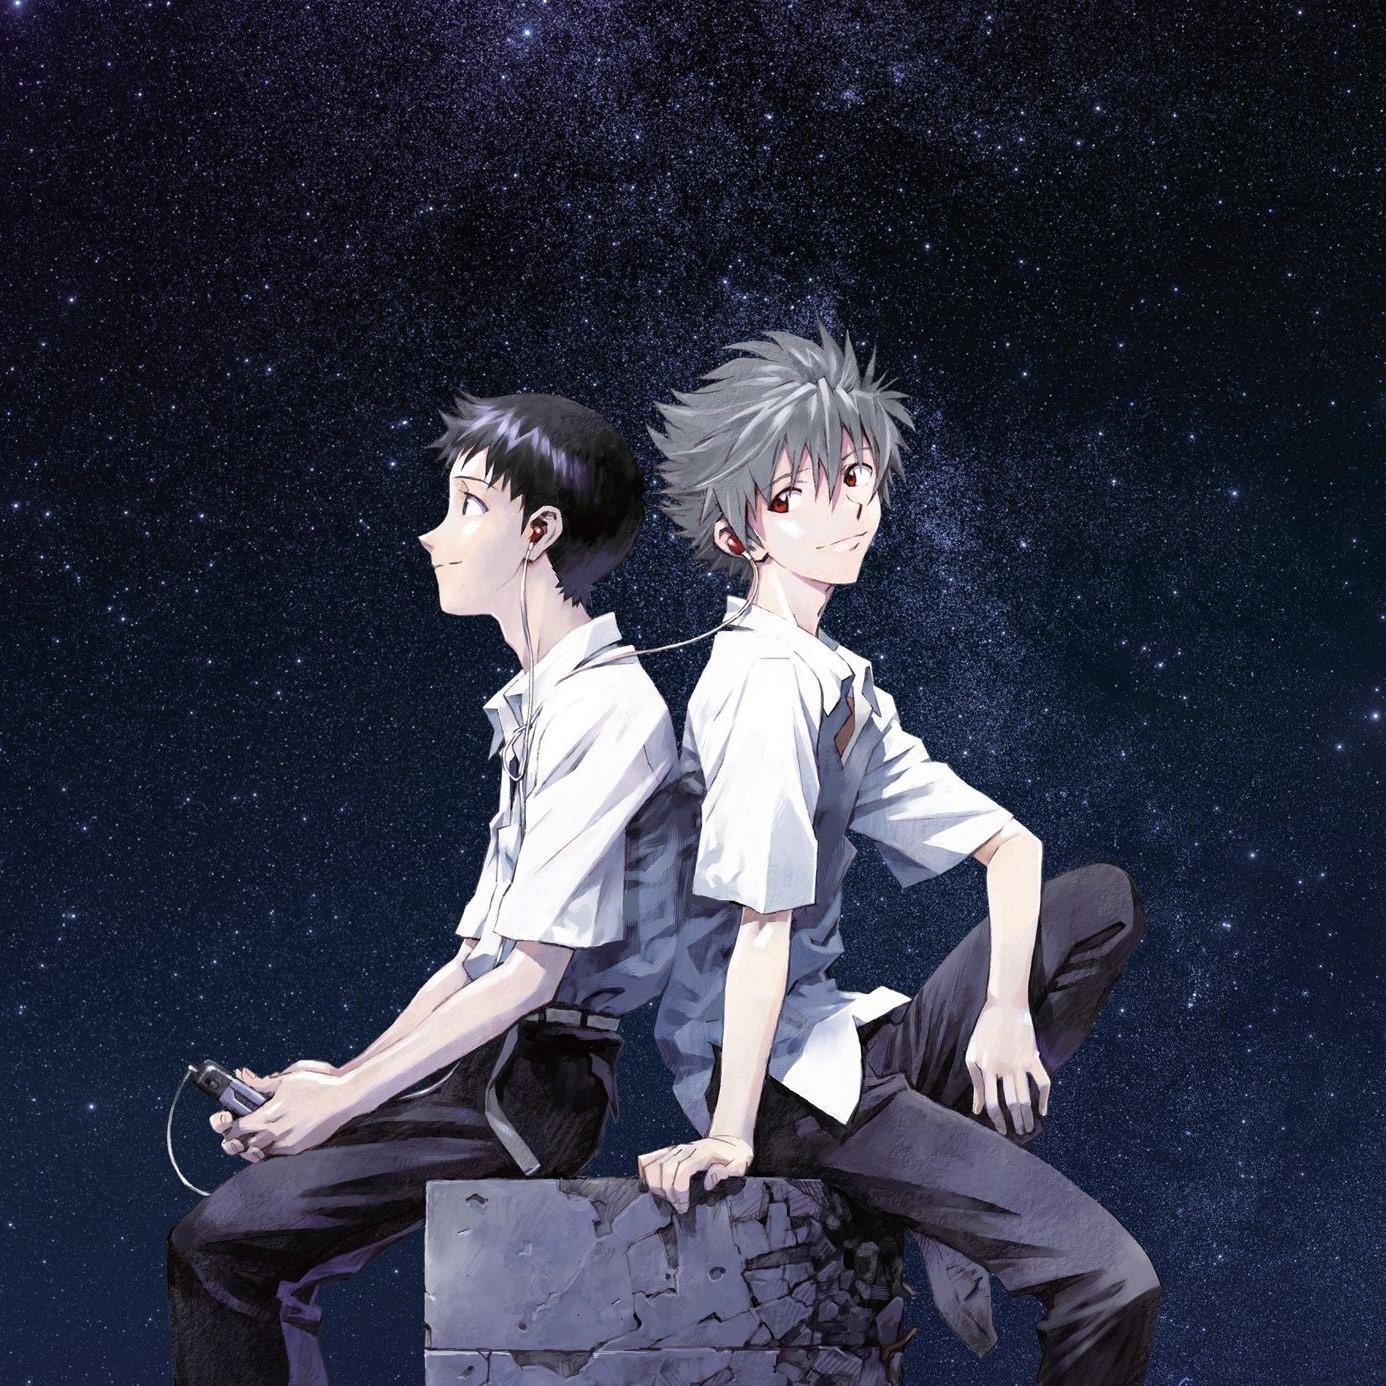 Happy Birthday, Hideaki Anno! Director of the Evangelion films, Shin Godzilla and more